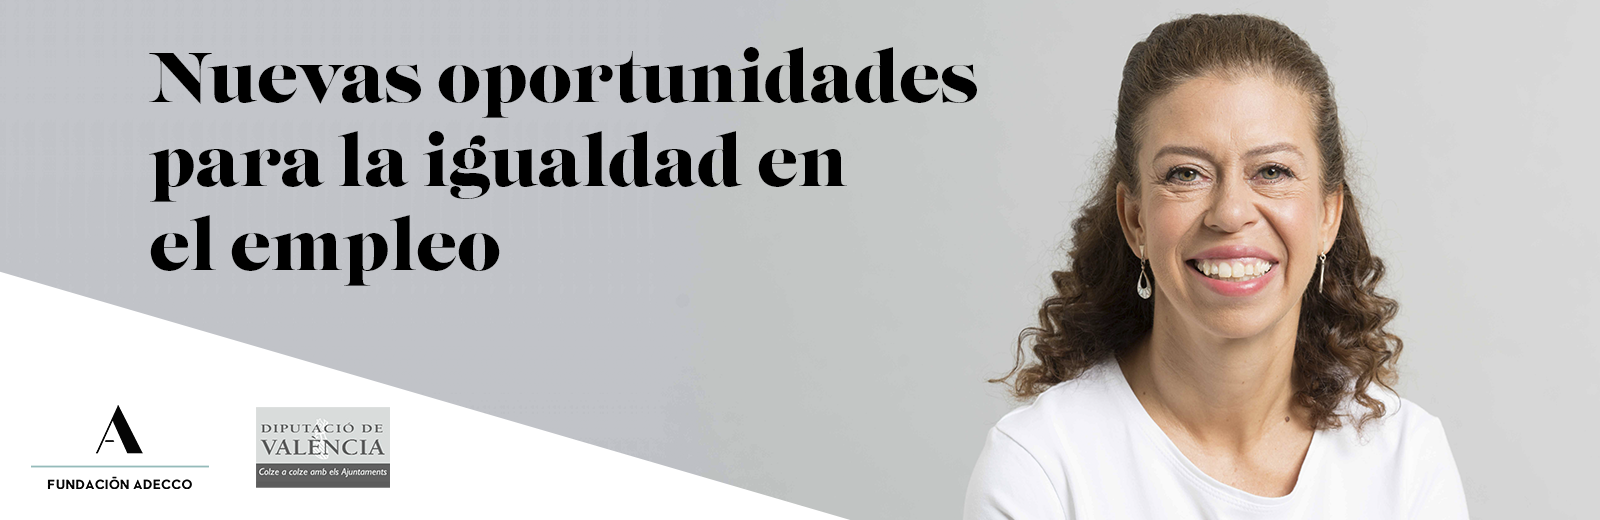 Imagen con el titulo del programa Nuevas oportunidades para la igualdad en el empleo.Mujer con pelo rizado y sonriente